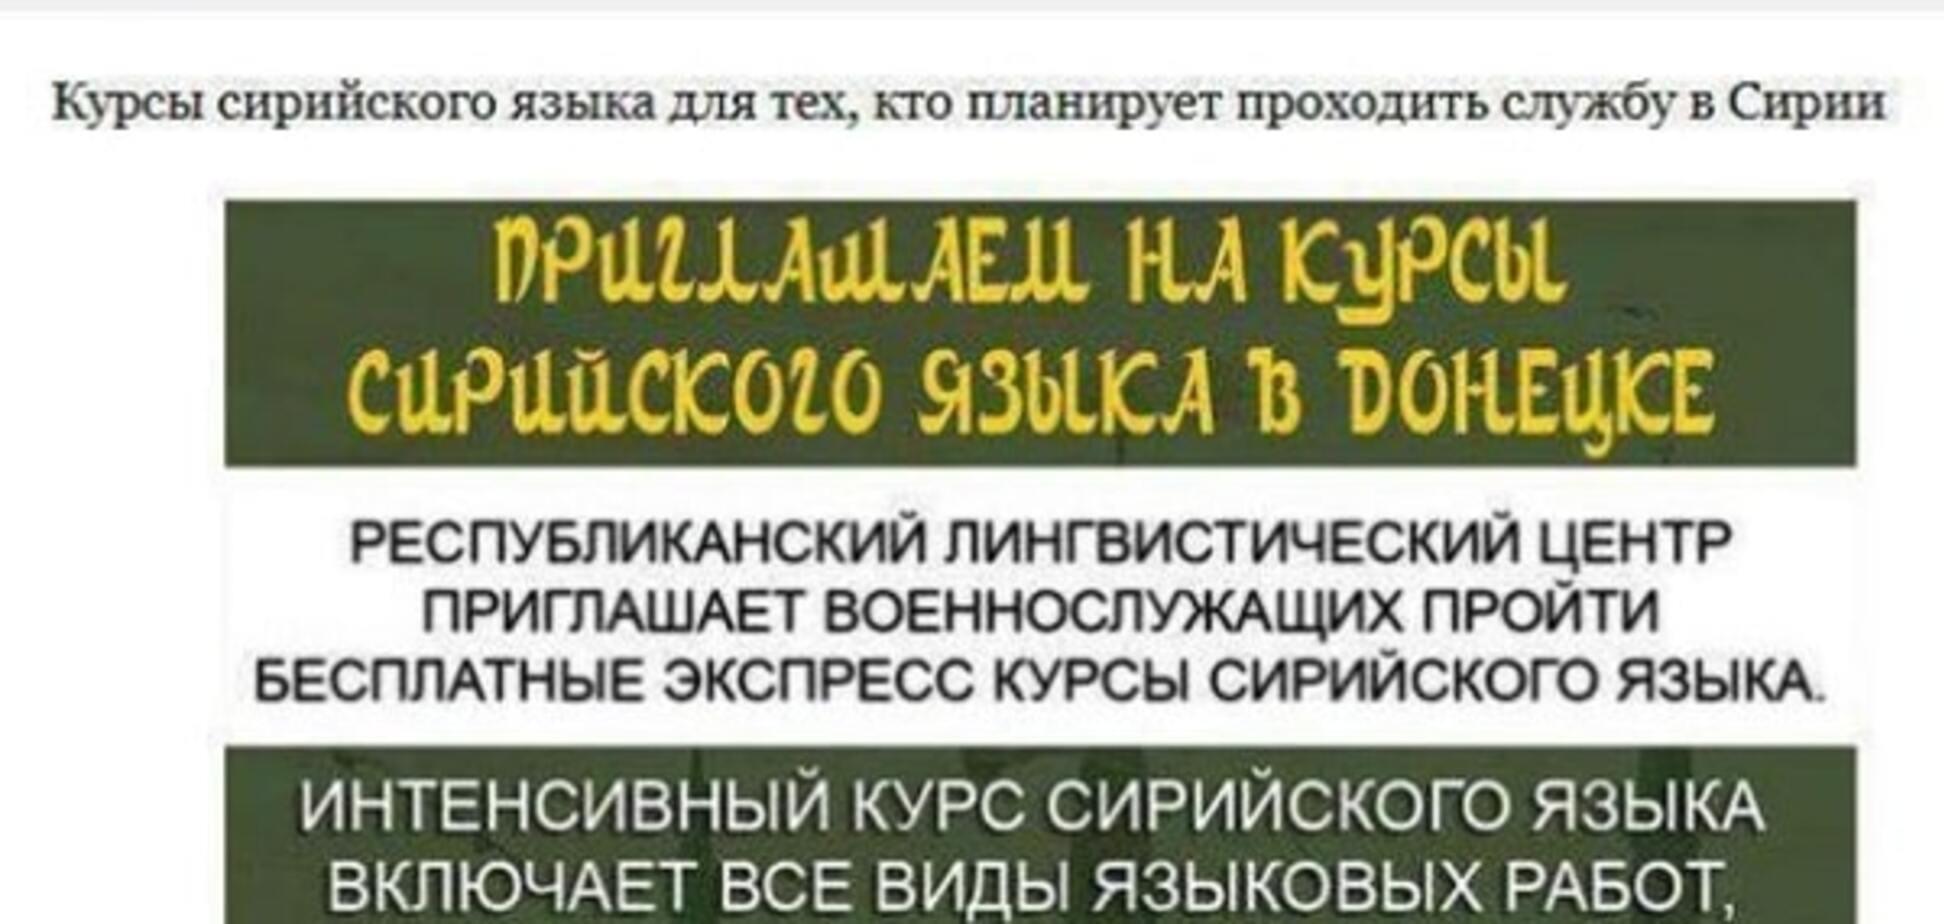 Поки ще живих терористів 'ДНР' запрошують вчити 'мертву' сирійську мову: фотофакт